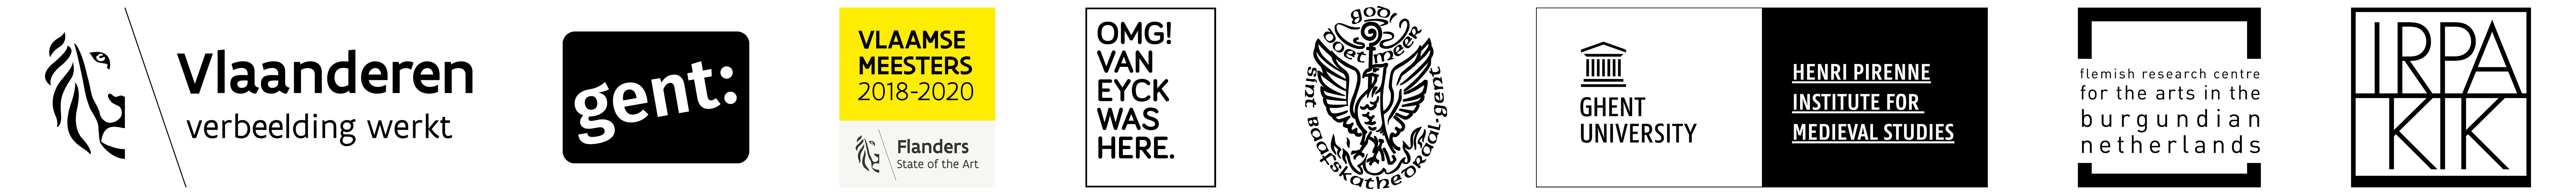 311846 2019 05 06 vaneyck logobalk 3e3de8 original 1557327455